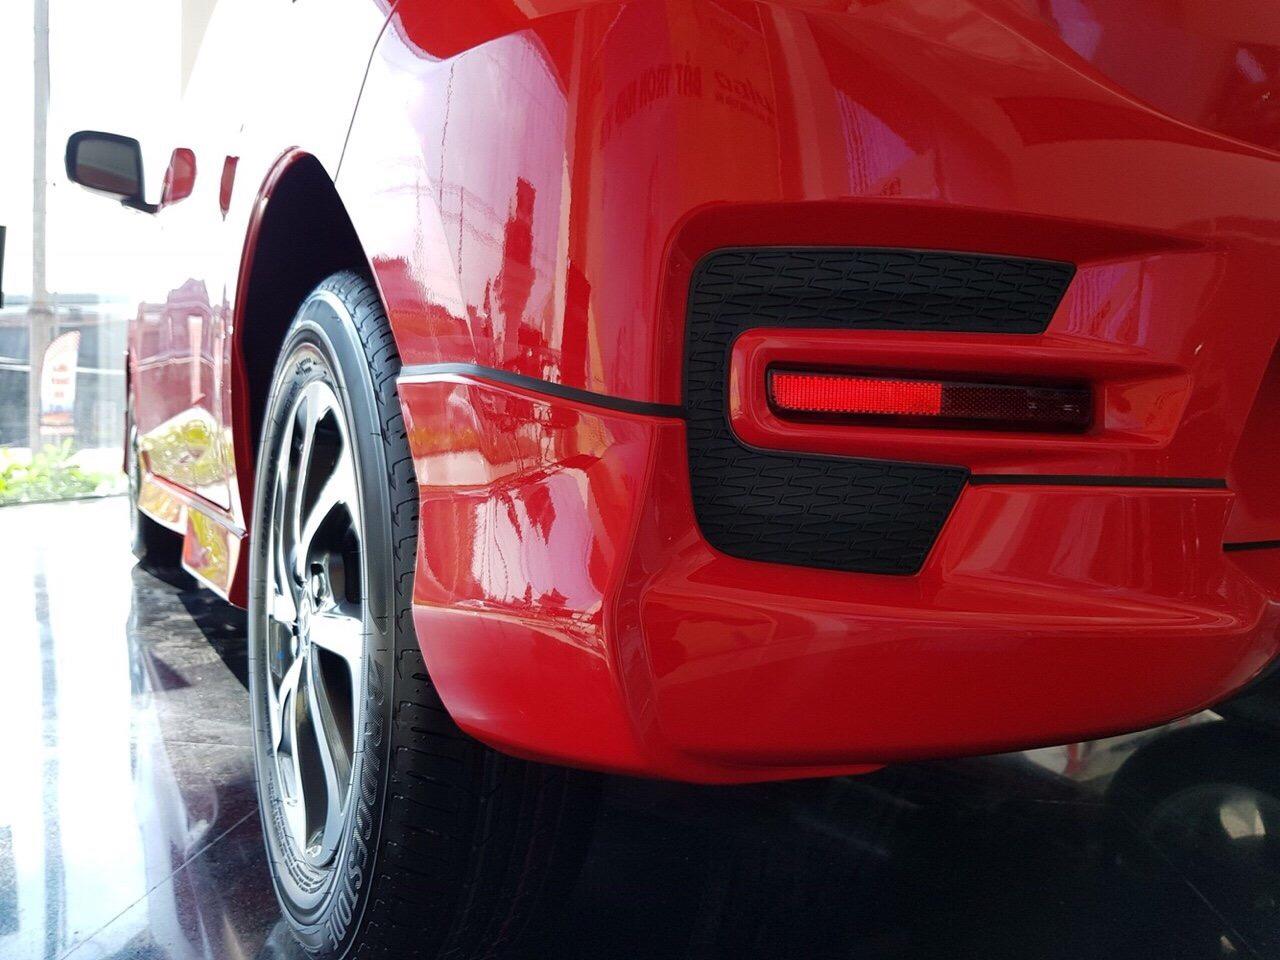 Hình ảnh xe Wigo màu đỏ ảnh 8 - Toyota Wigo: giá xe và khuyến mãi tháng [hienthithang]/[hienthinam]